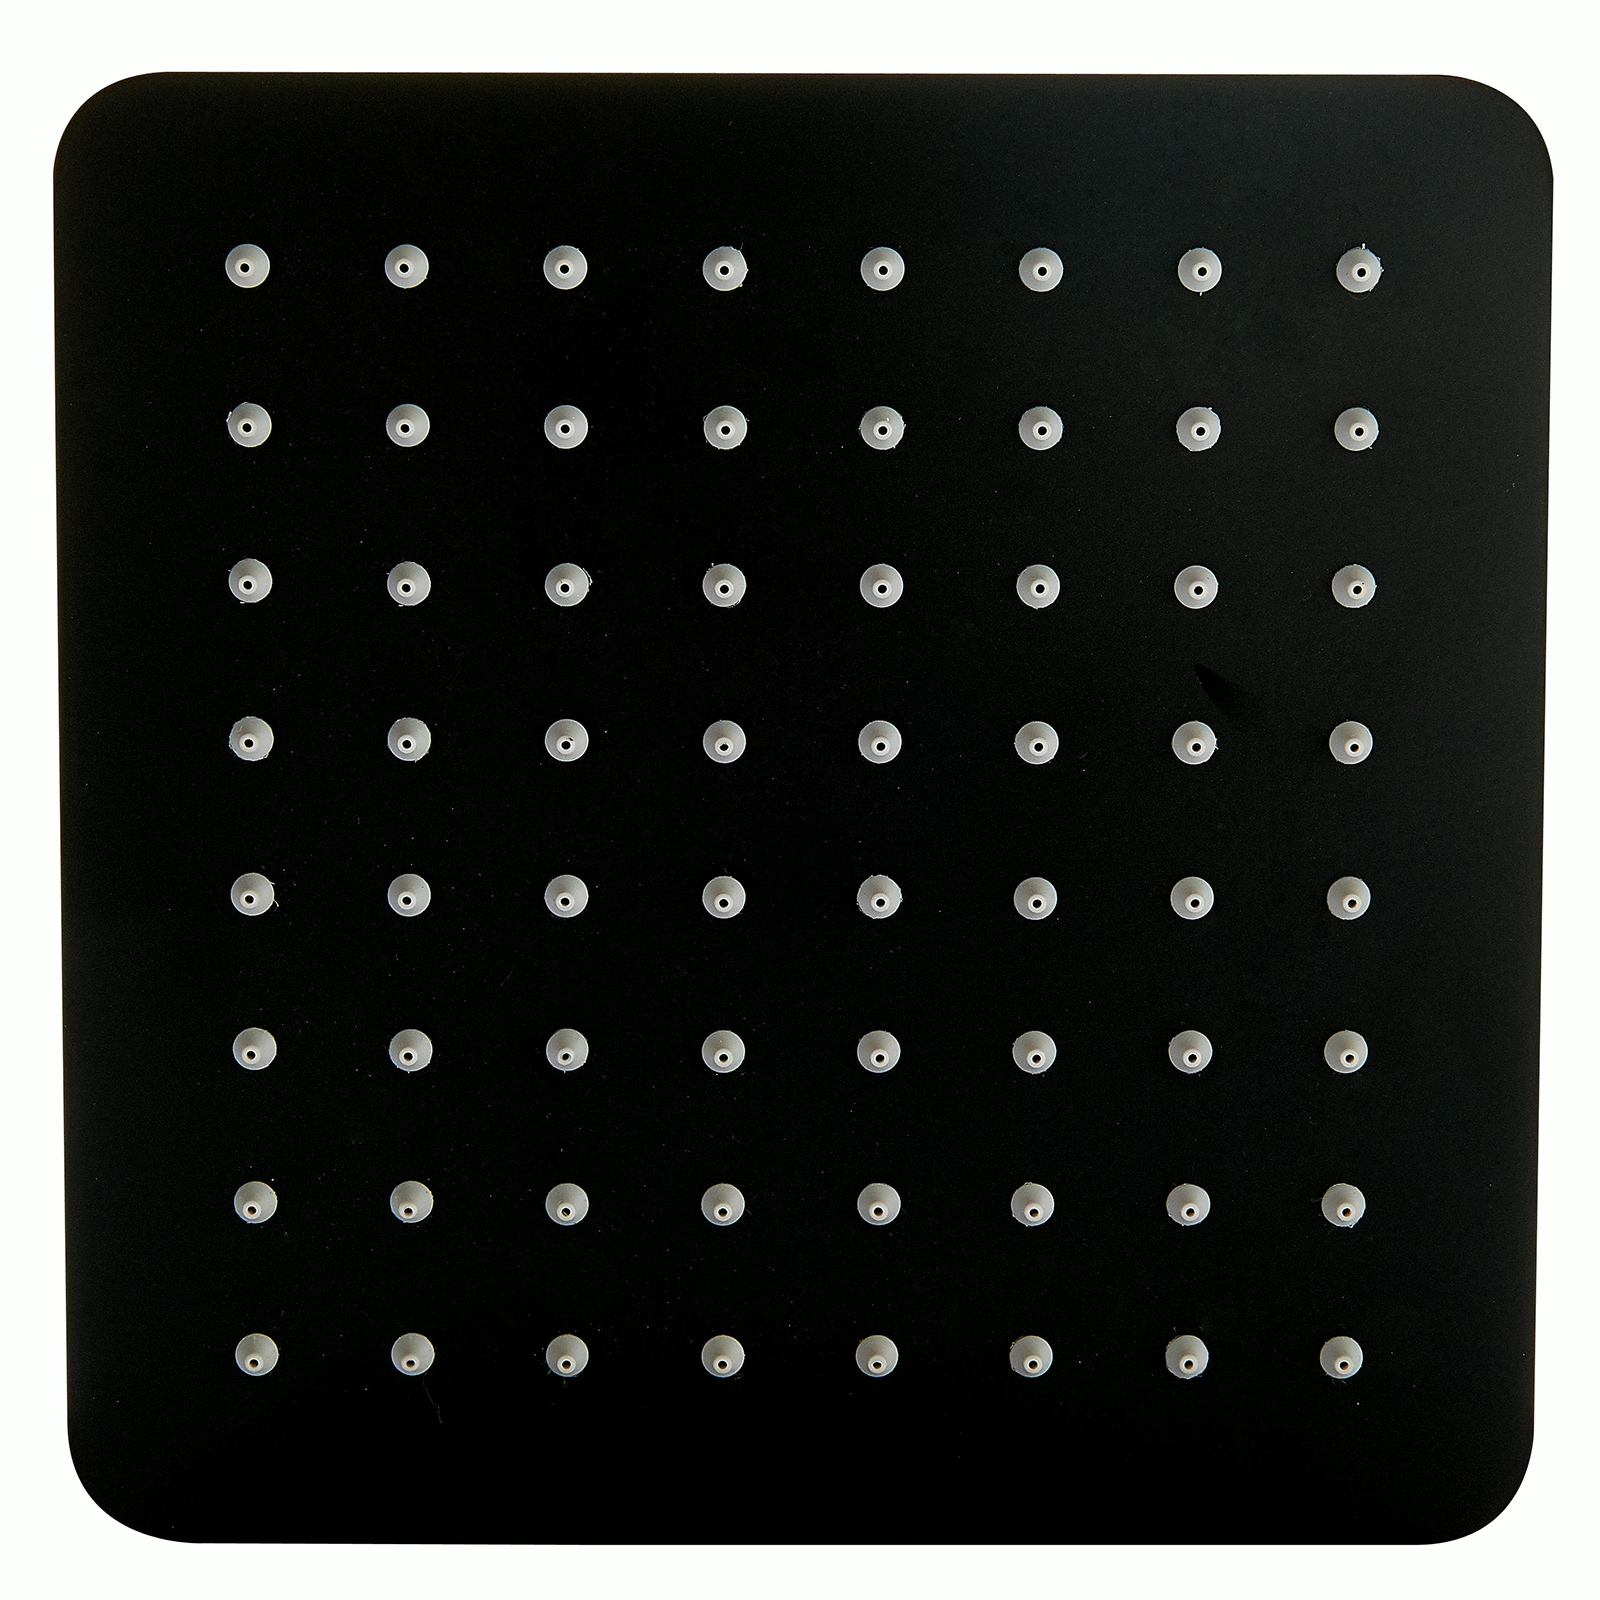 Regendusche Edelstahl-Duschkopf DPG2023 superflach in Schwarz - 20 x 20 cm